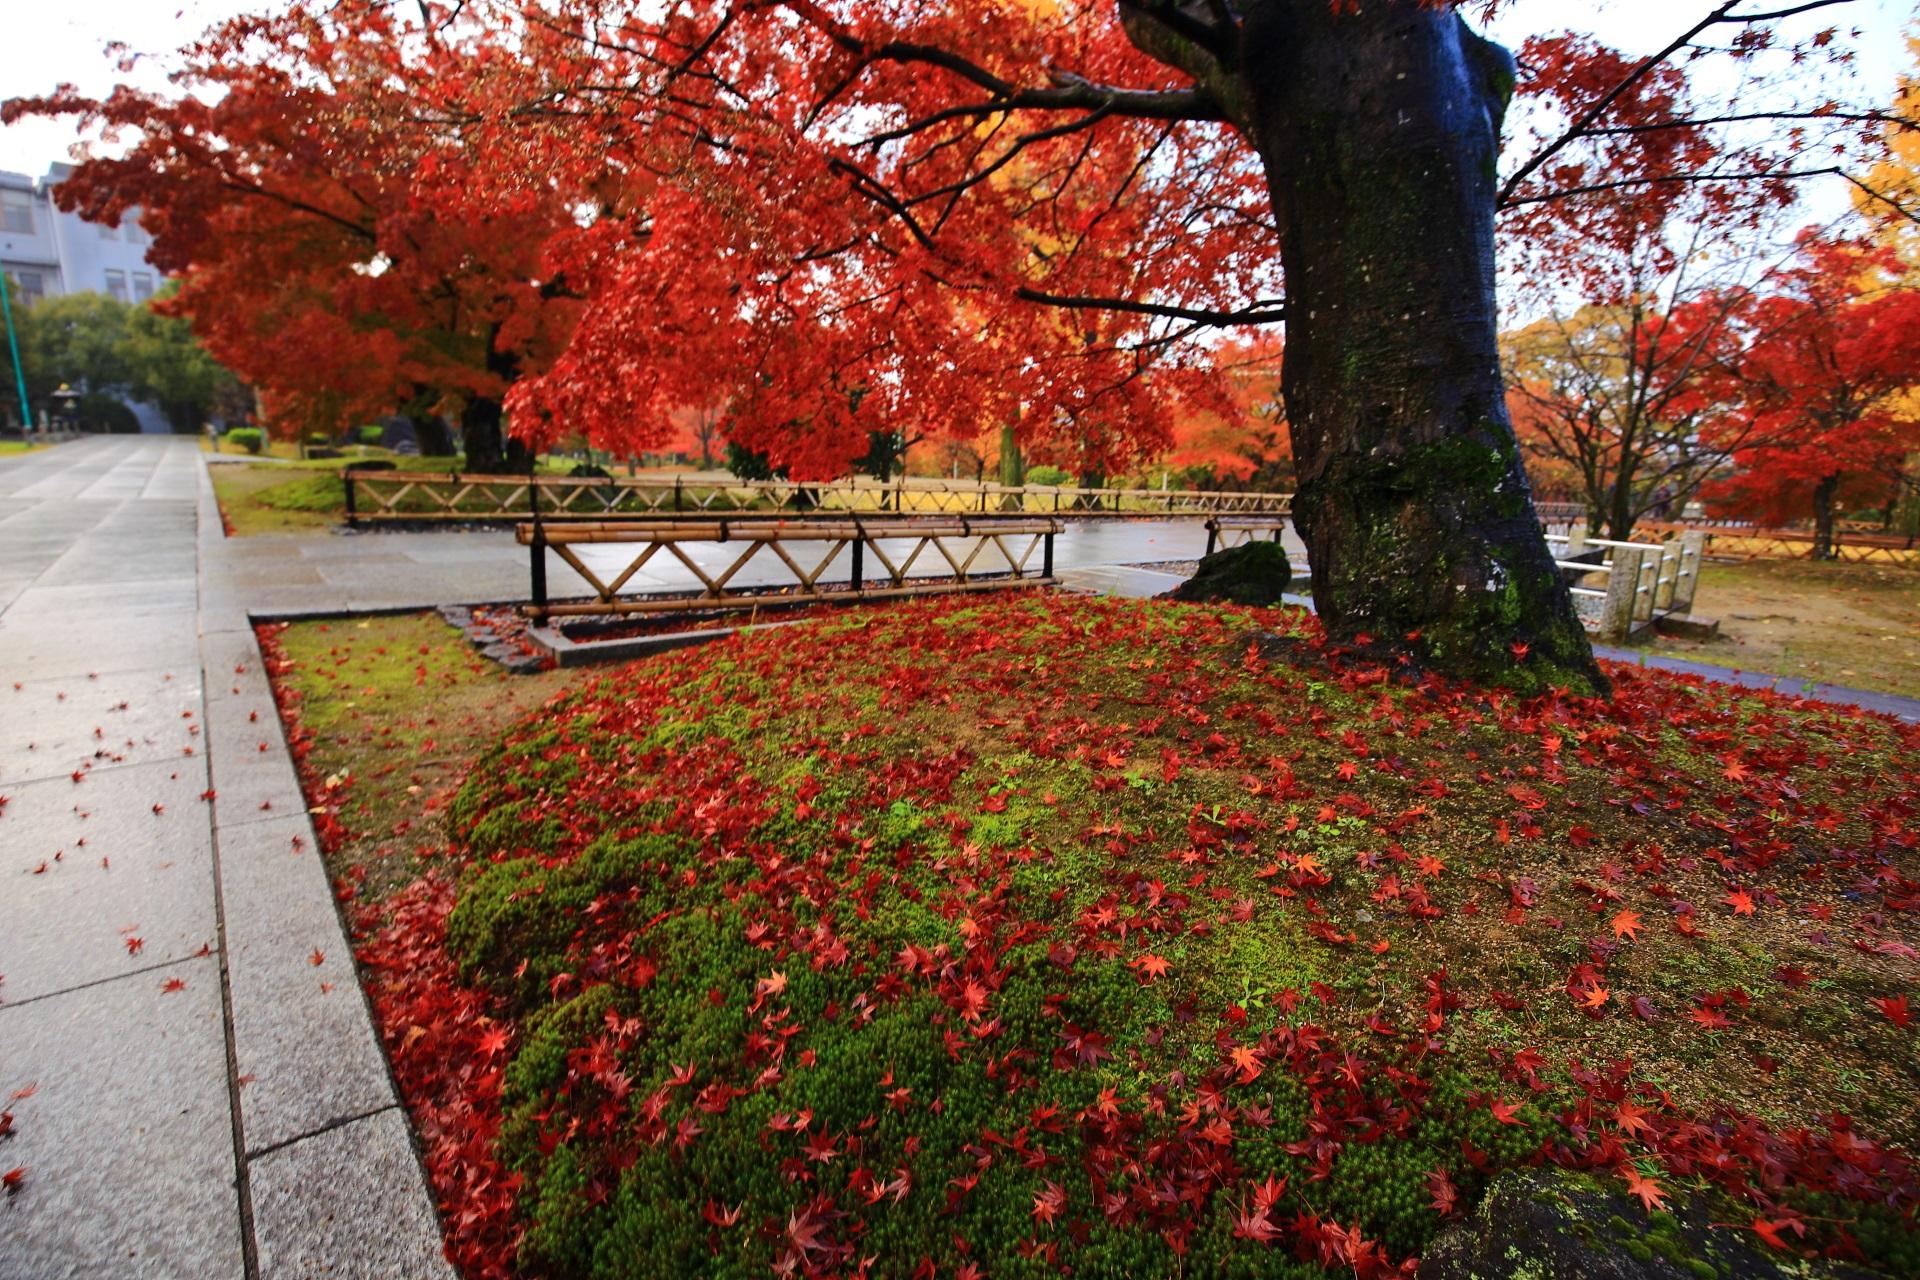 智積院の金堂前の苔を染める鮮やかな赤い散り紅葉